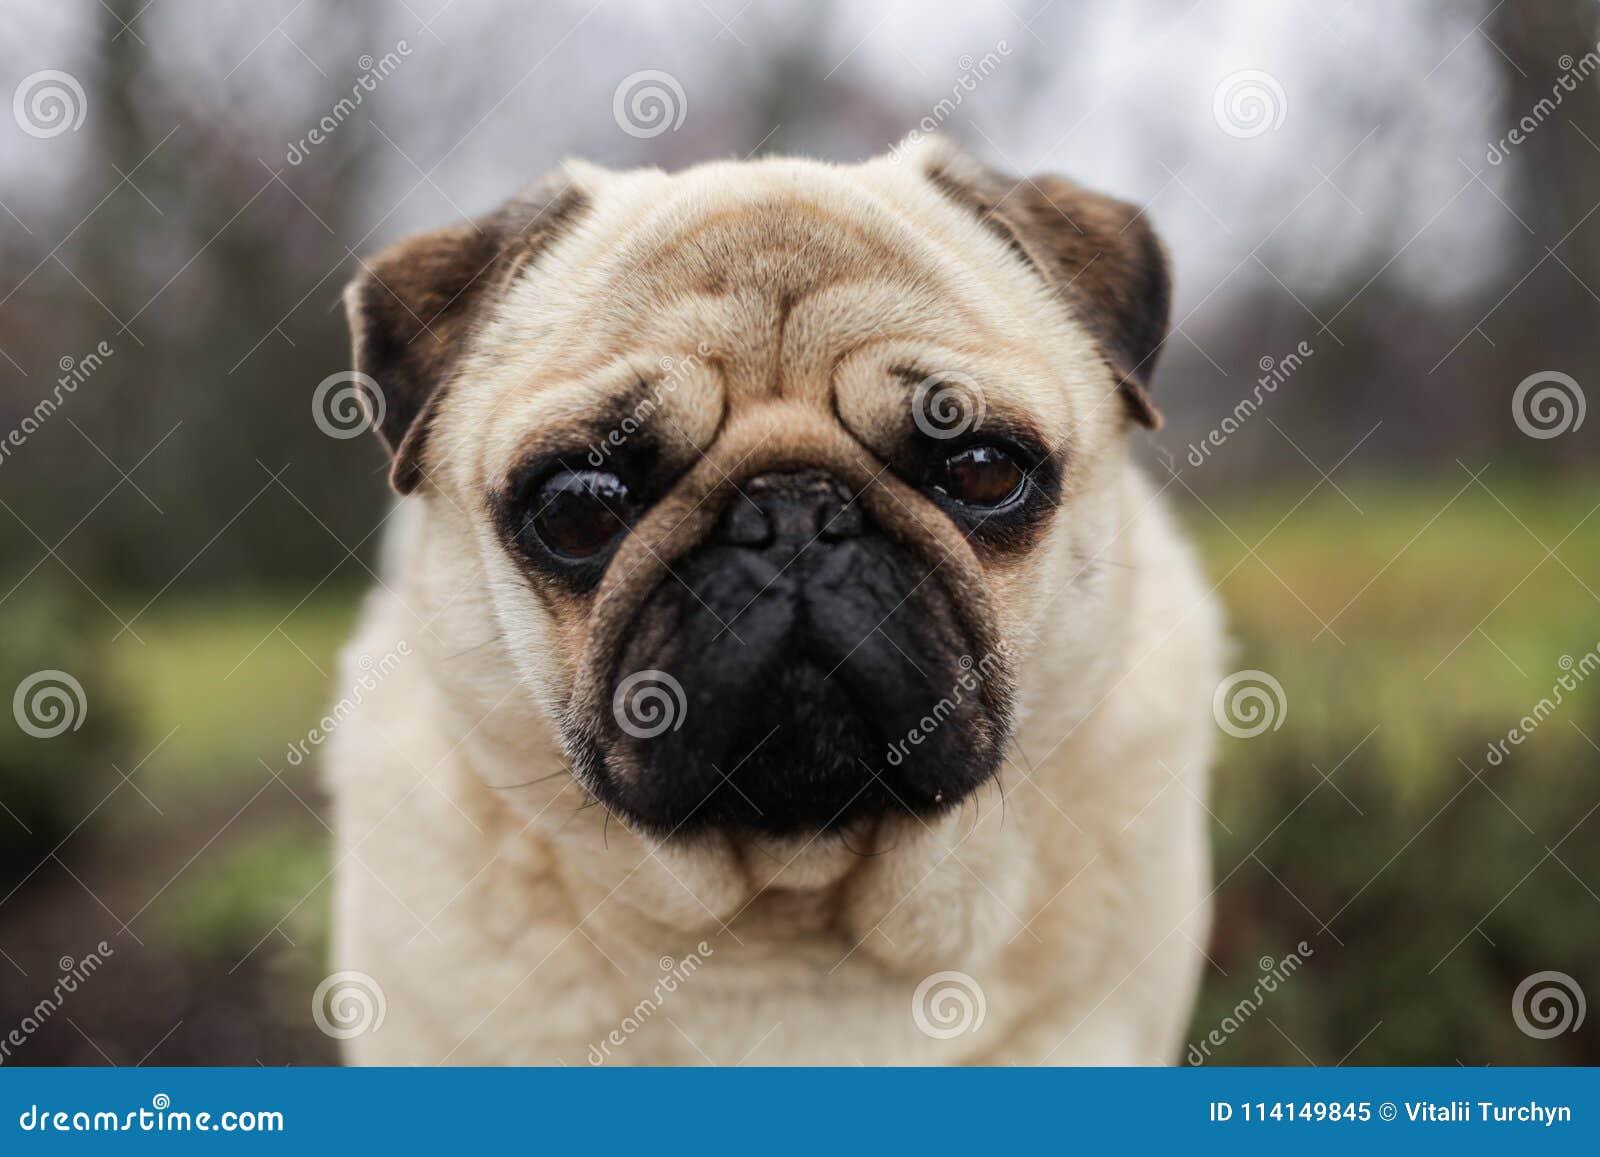 Мопс собака